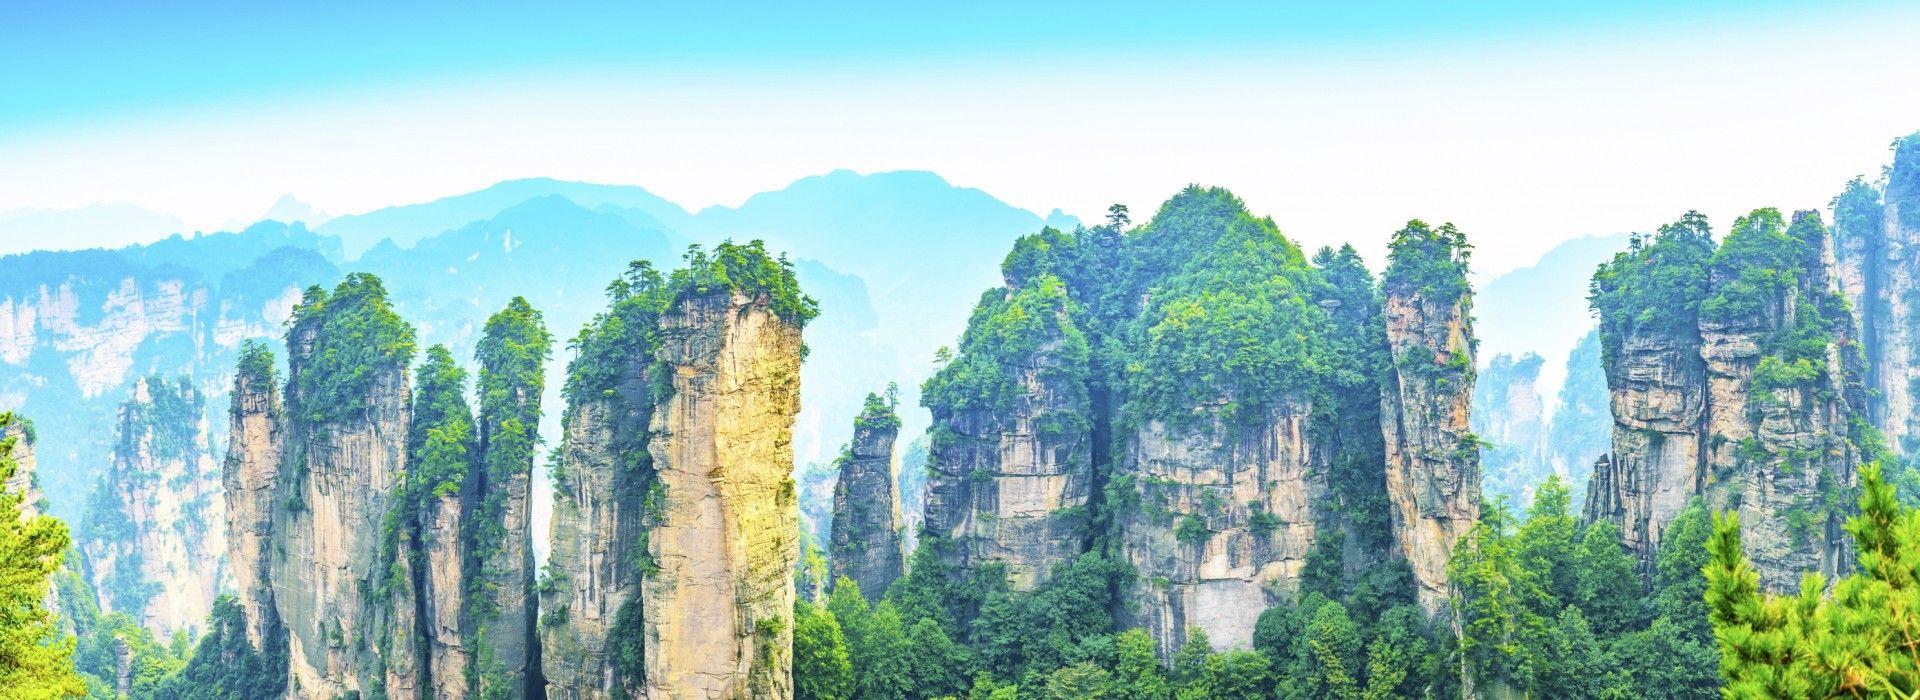 Zhangjiajie Tours and Travel to Zhangjiajie